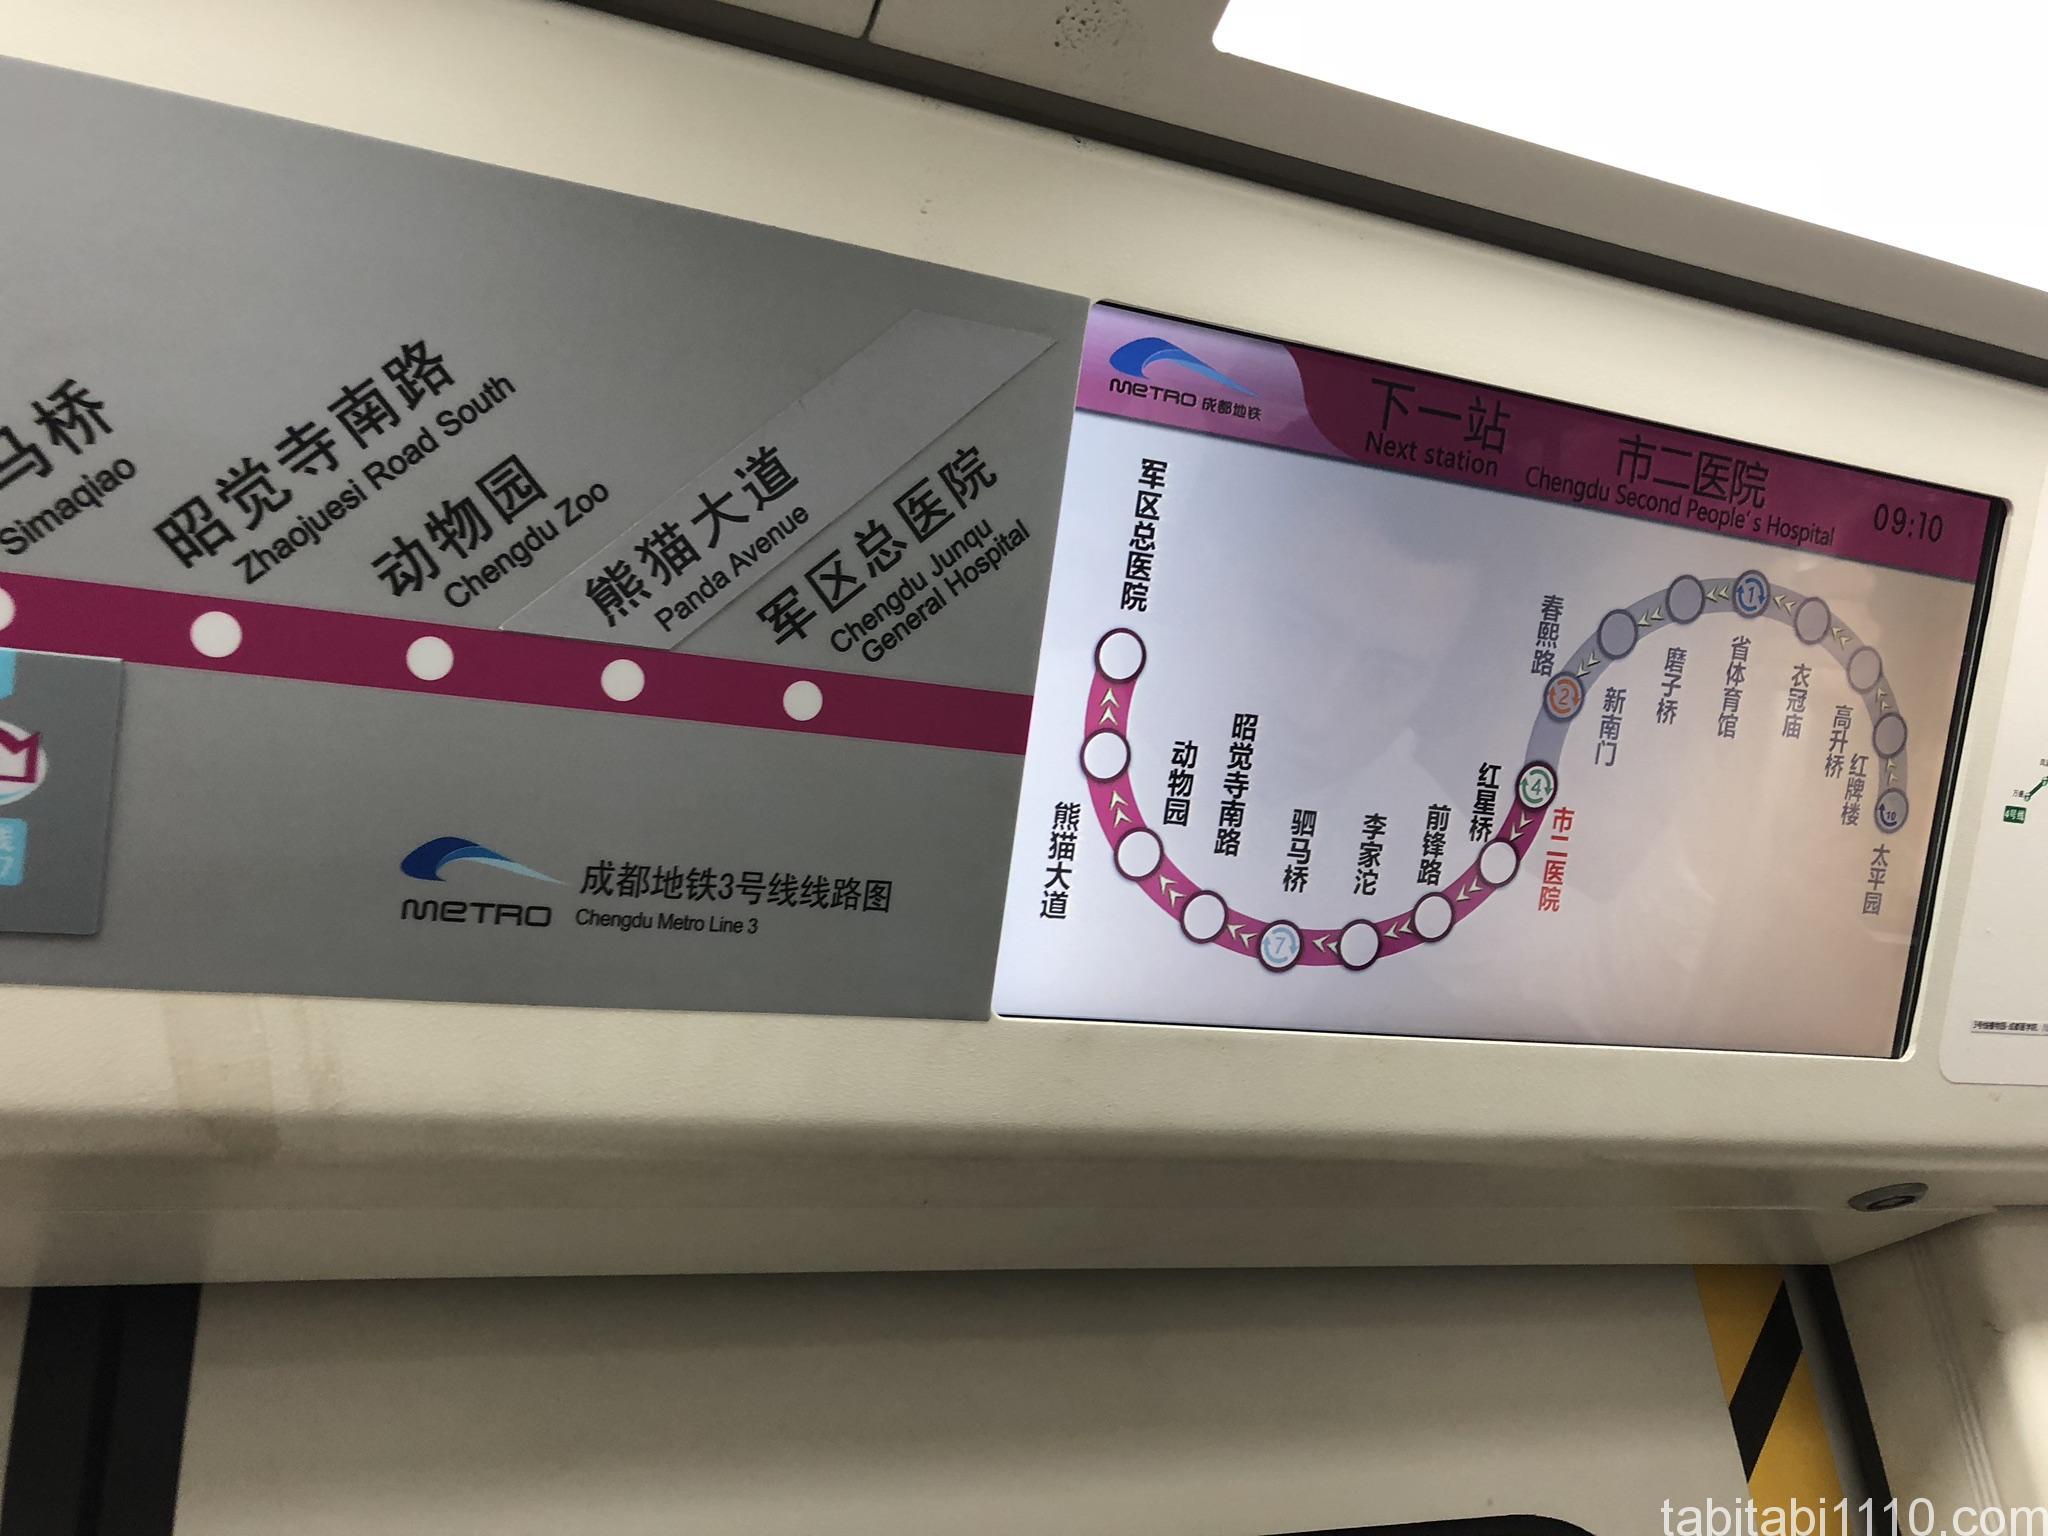 成都観光|電車内の案内